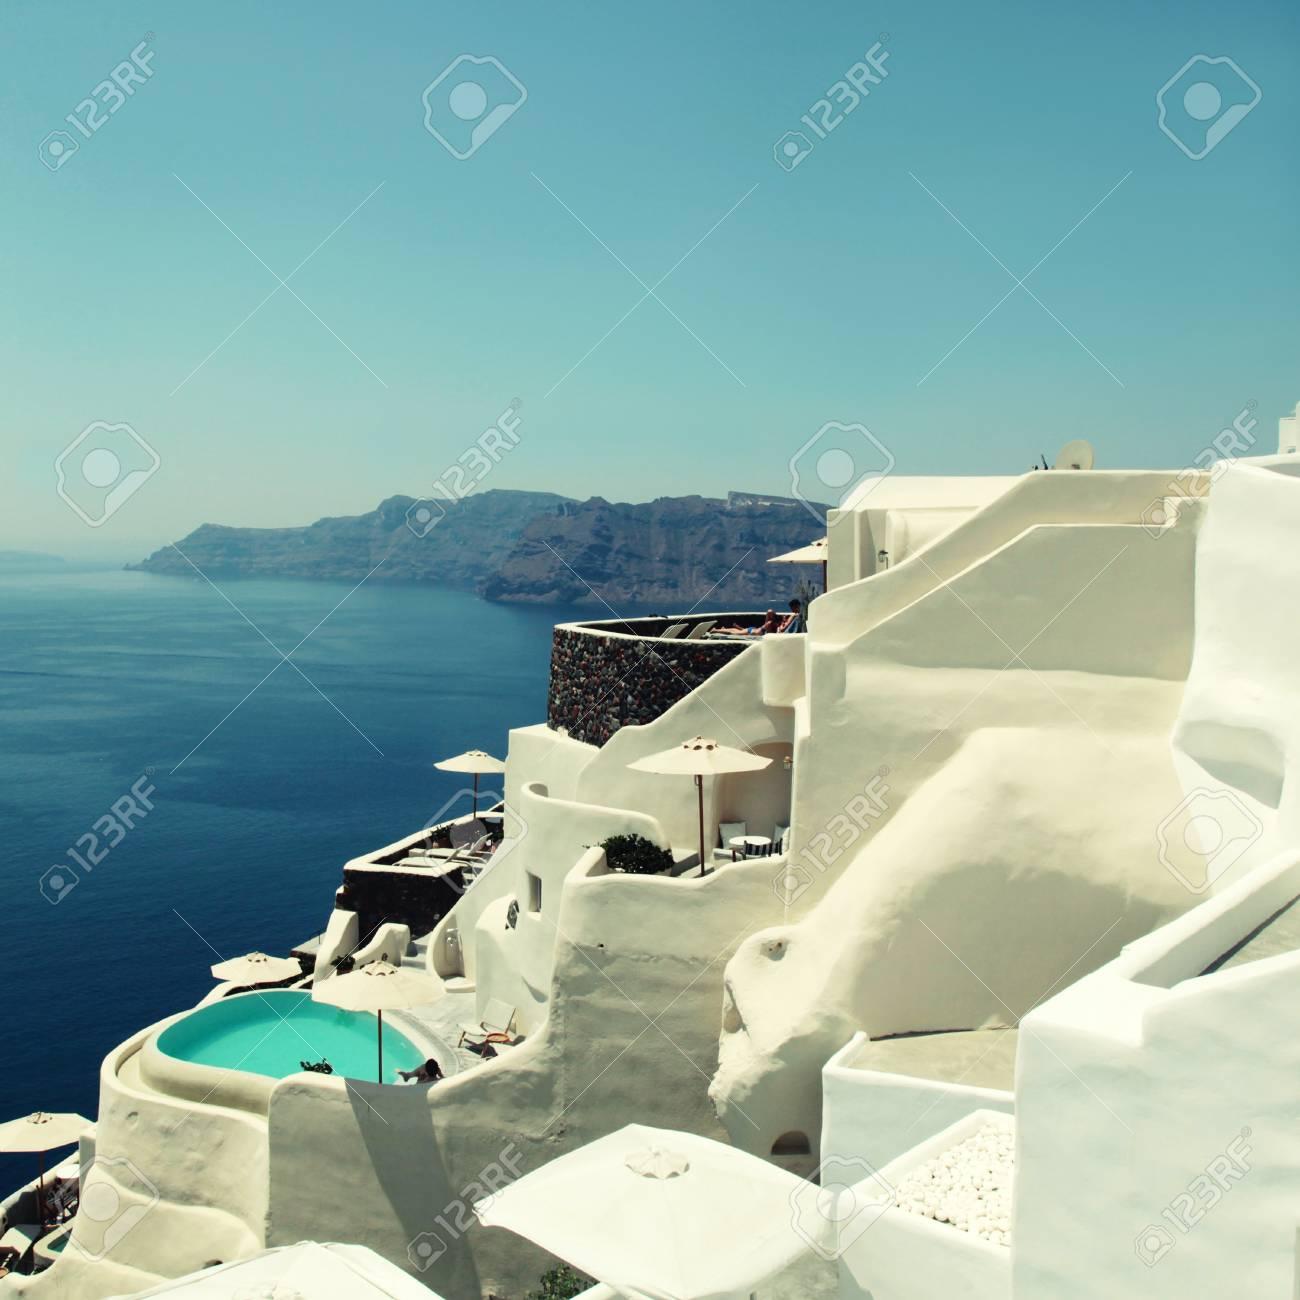 Bella vista del mare e delle case a terrazze e delle località di soggiorno  tradizionali bianche, città di OIA, isola di Santorini, Grecia. Immagine ...